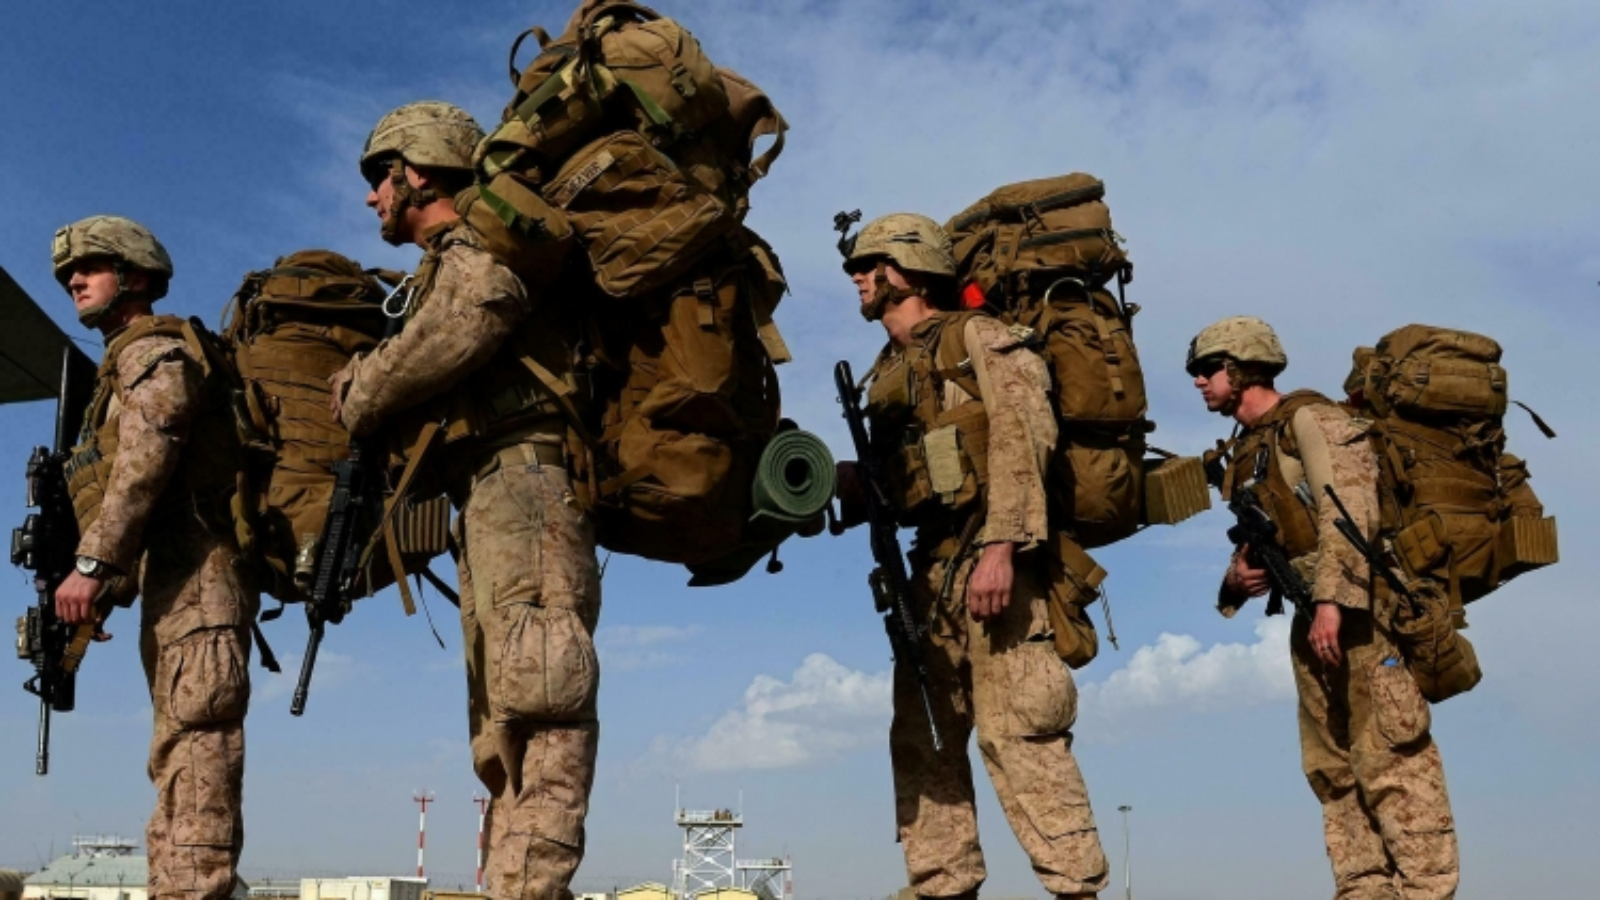 Mỹ khép lại cuộc chiến 20 năm ở Afghanistan, Taliban tuyên bố độc lập hoàn toàn